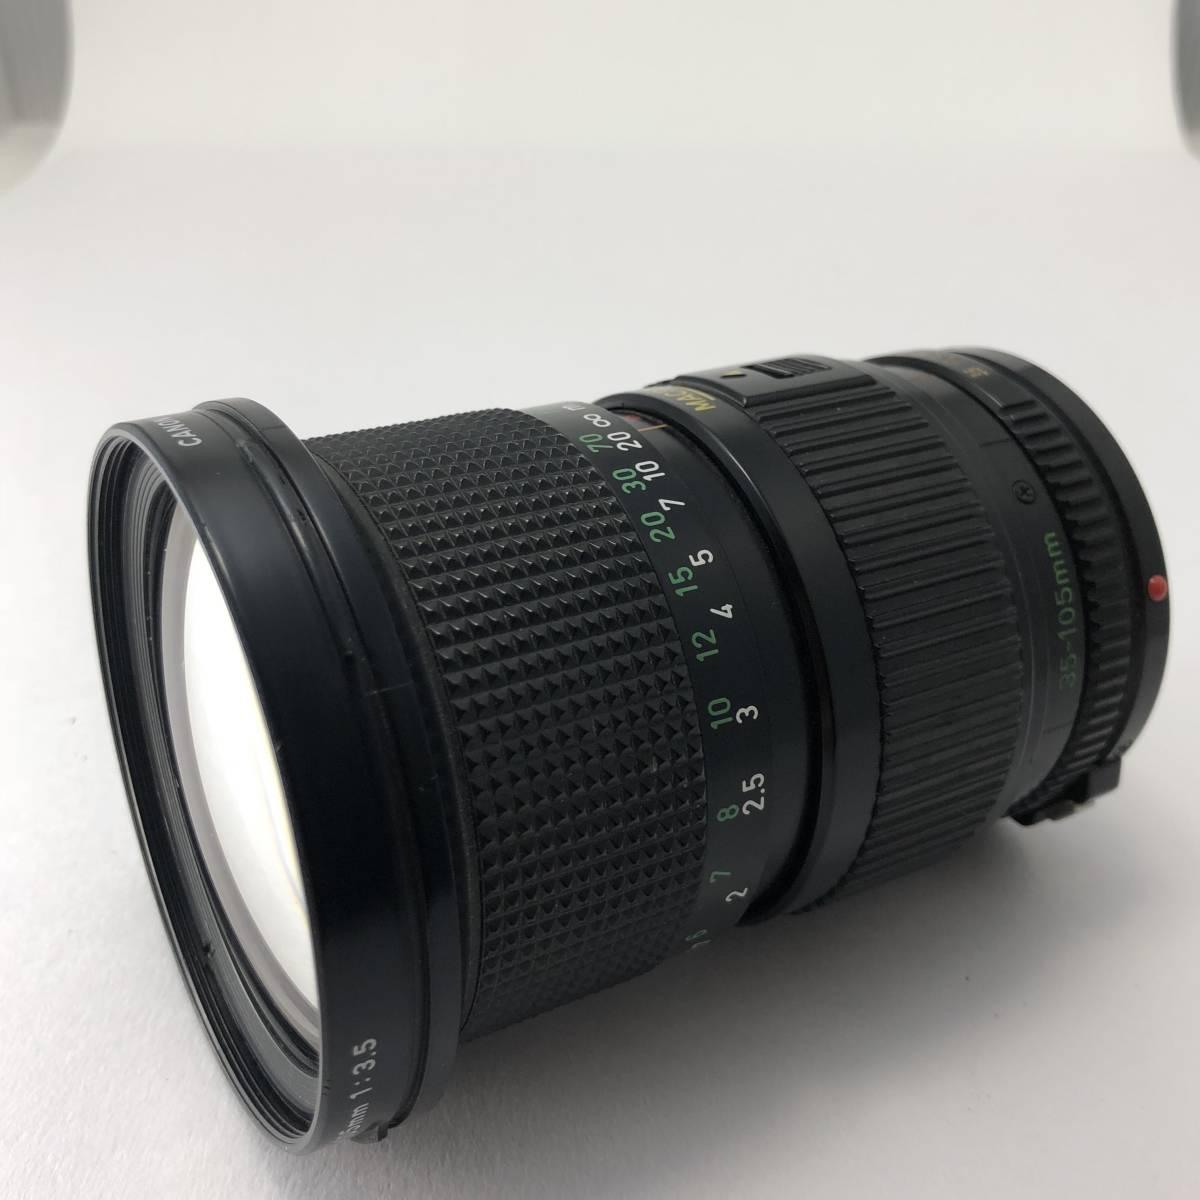 キャノン Canon FTb カメラ FD S.S.C. SSC 50mm 1.4 / FD S.S.C. SSC 24mm 2.8 / FD 35-105mm 3.5 レンズ セット no.A1_画像9